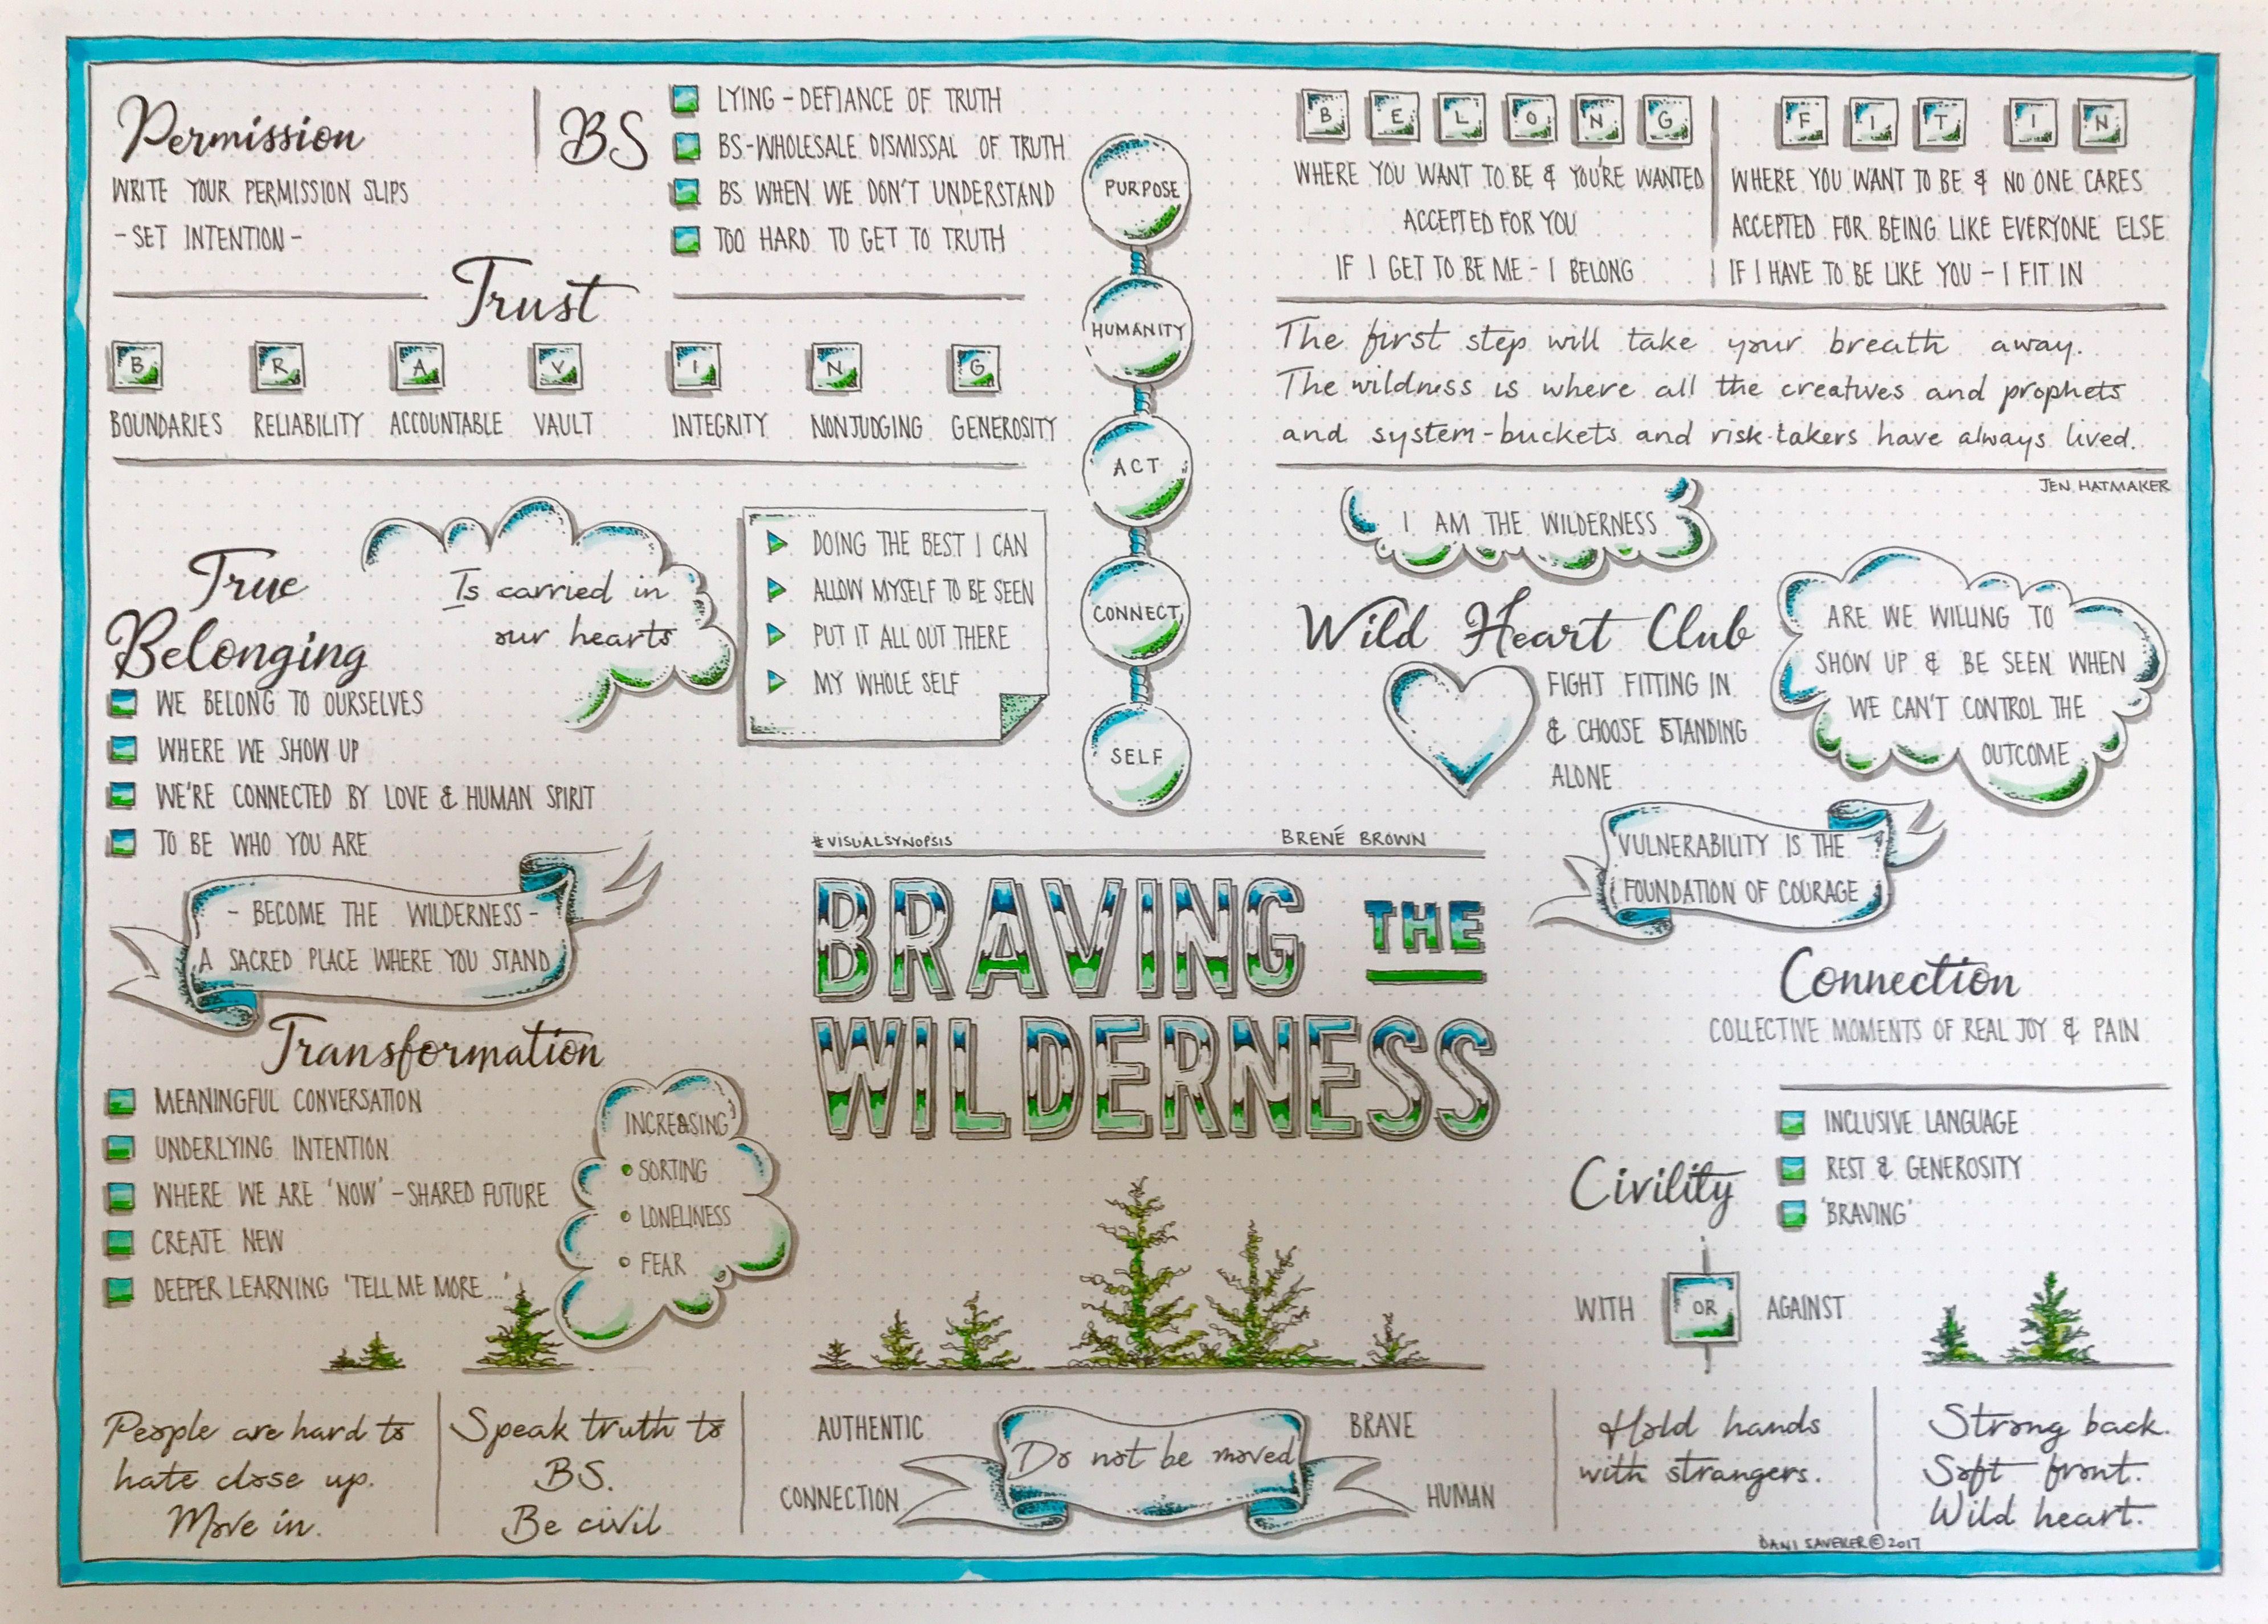 Daring Greatly Brene Brown Worksheet